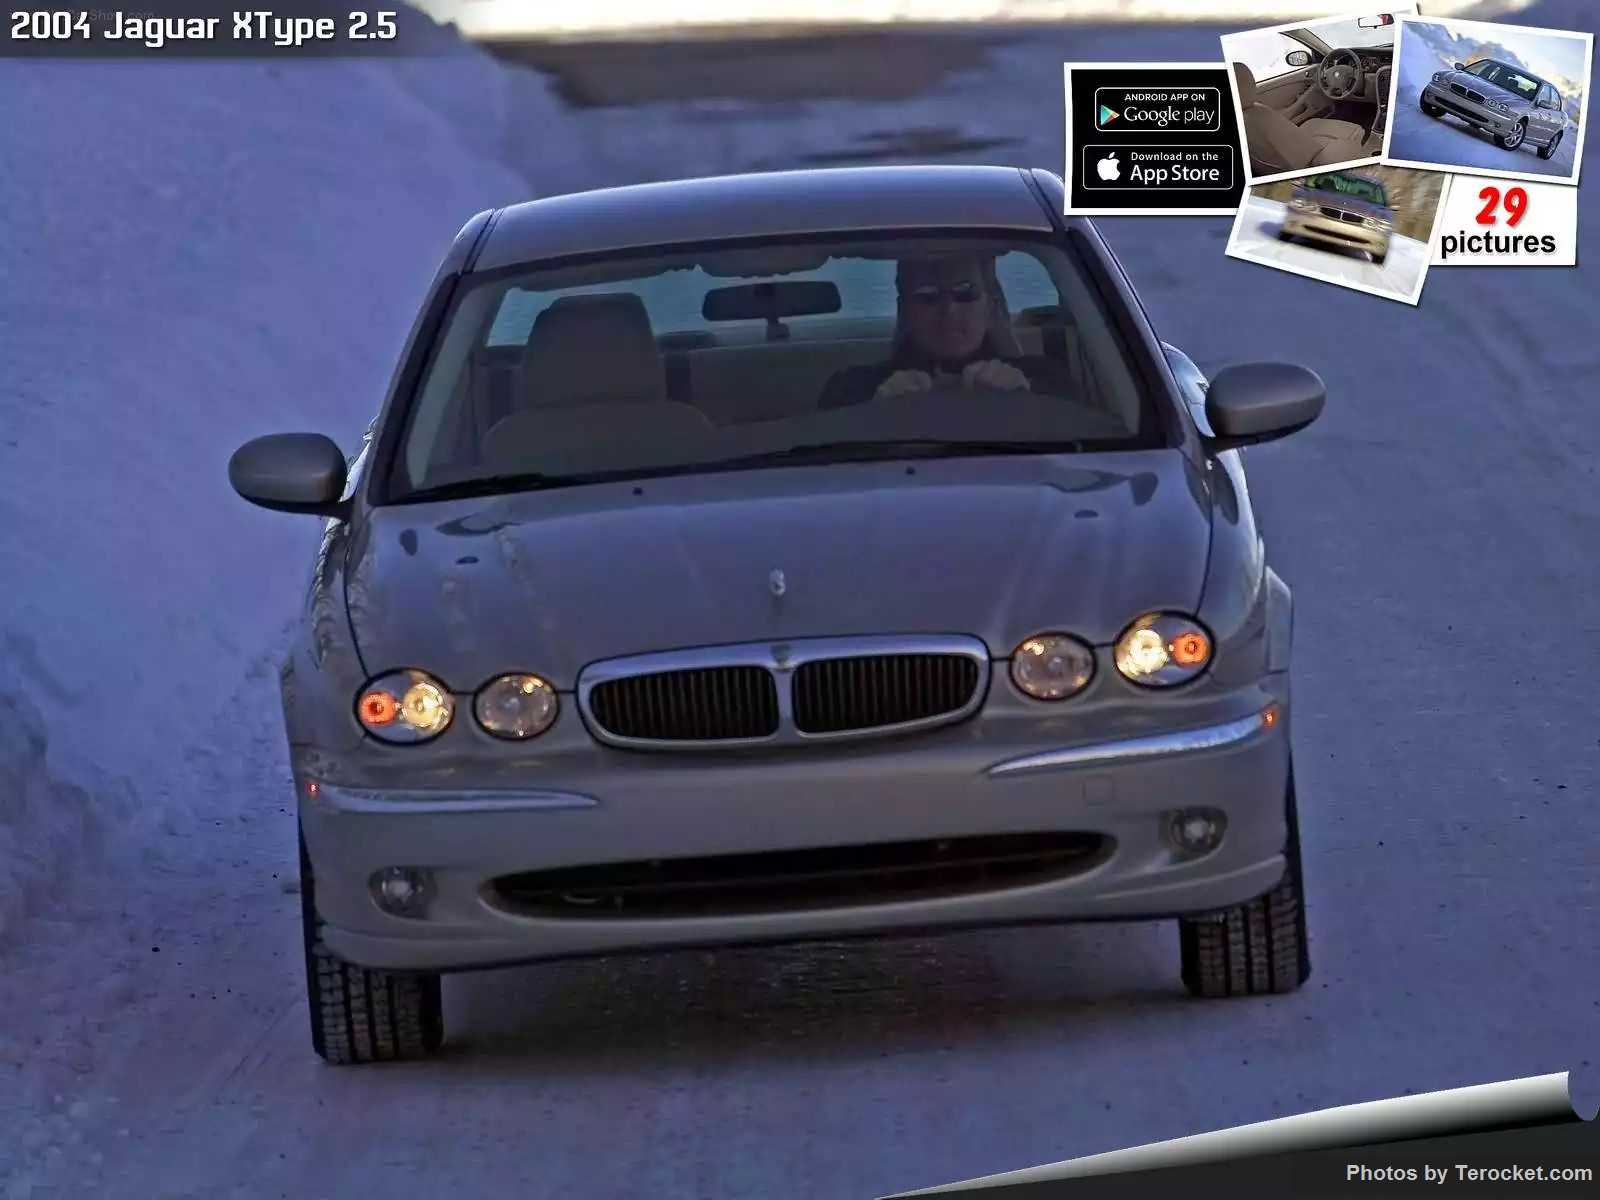 Hình ảnh xe ô tô Jaguar XType 2.5 2004 & nội ngoại thất